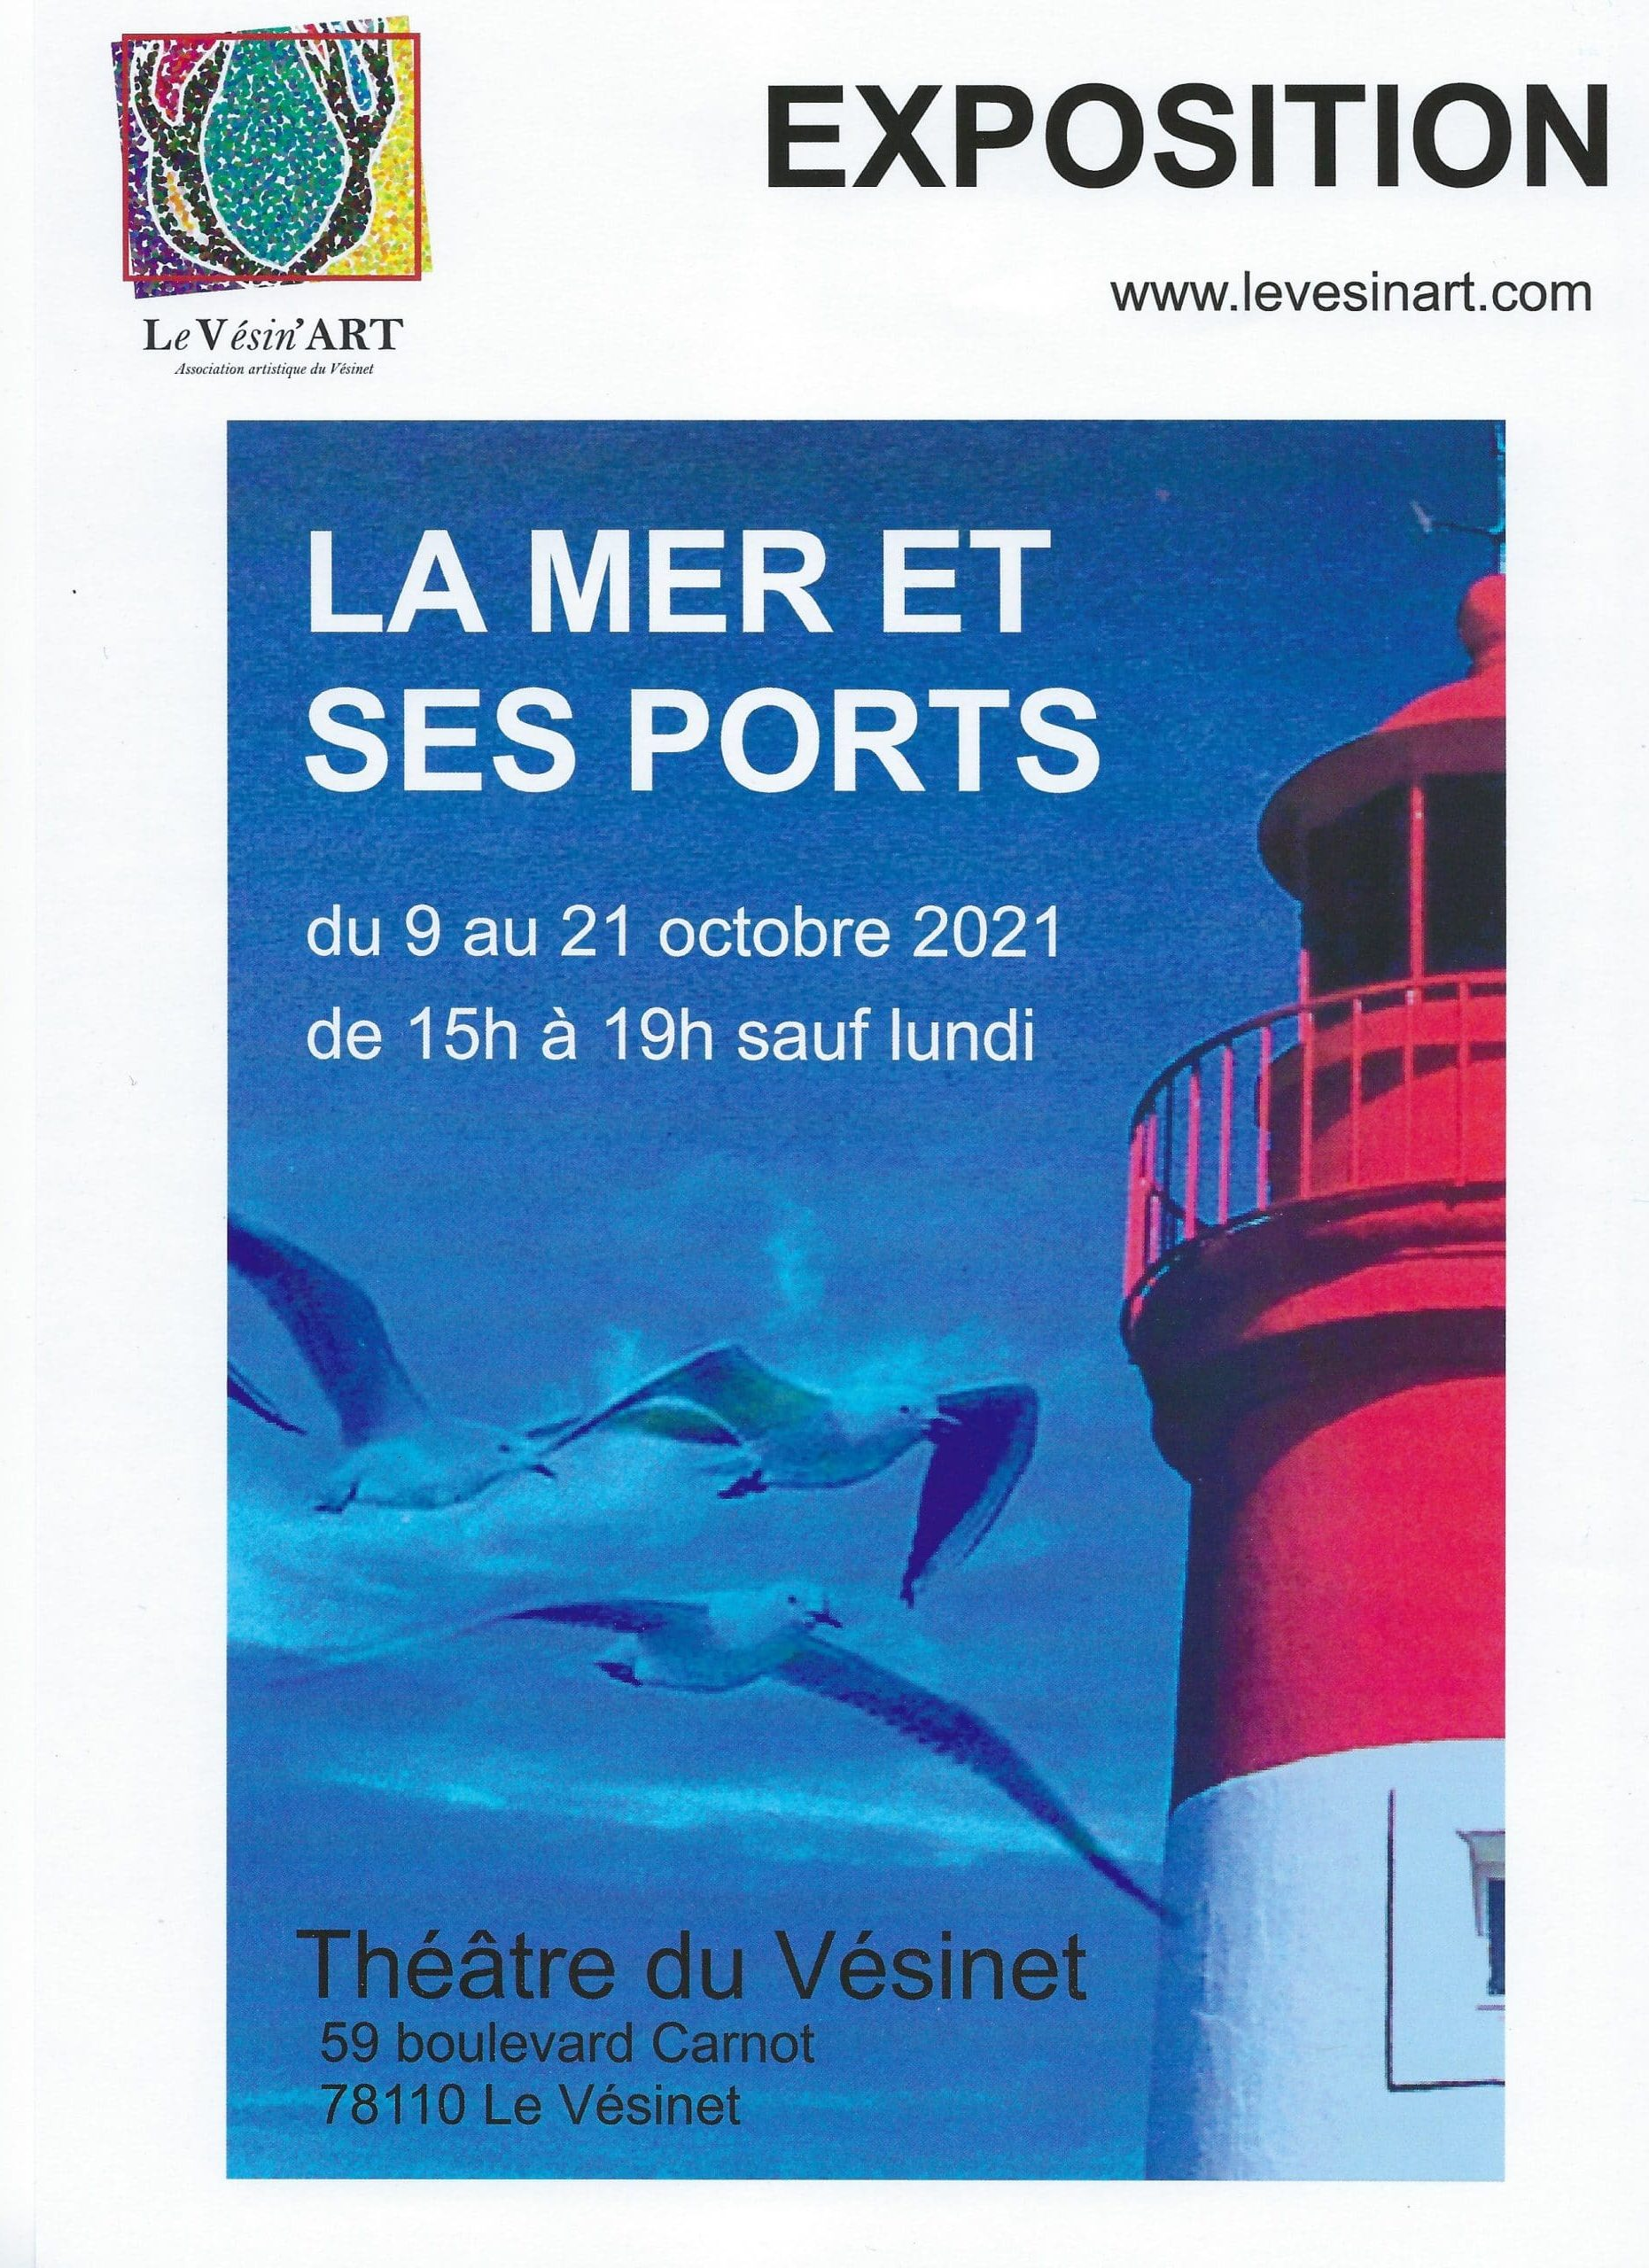 Exposition Christine Le Martret Le Vesinet